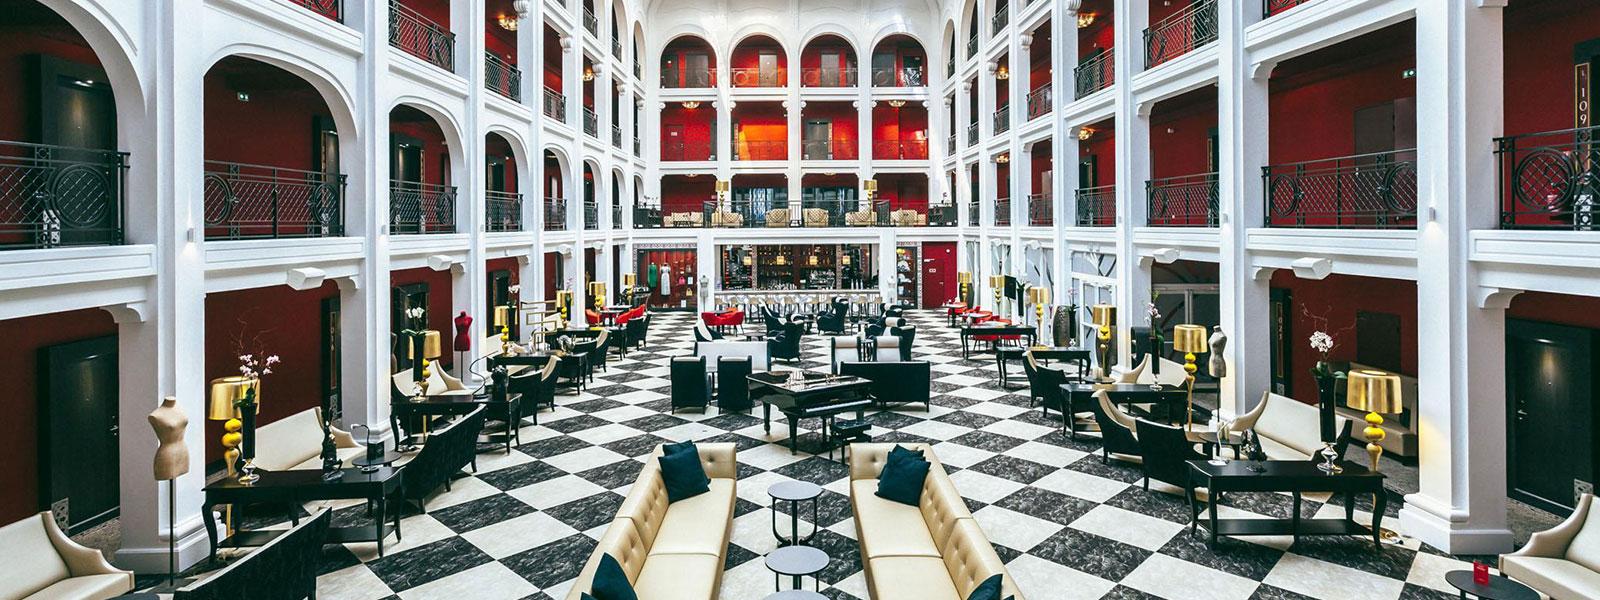 Le Régina Biarritz Hôtel & Spa, une adresse mythique à Biarritz